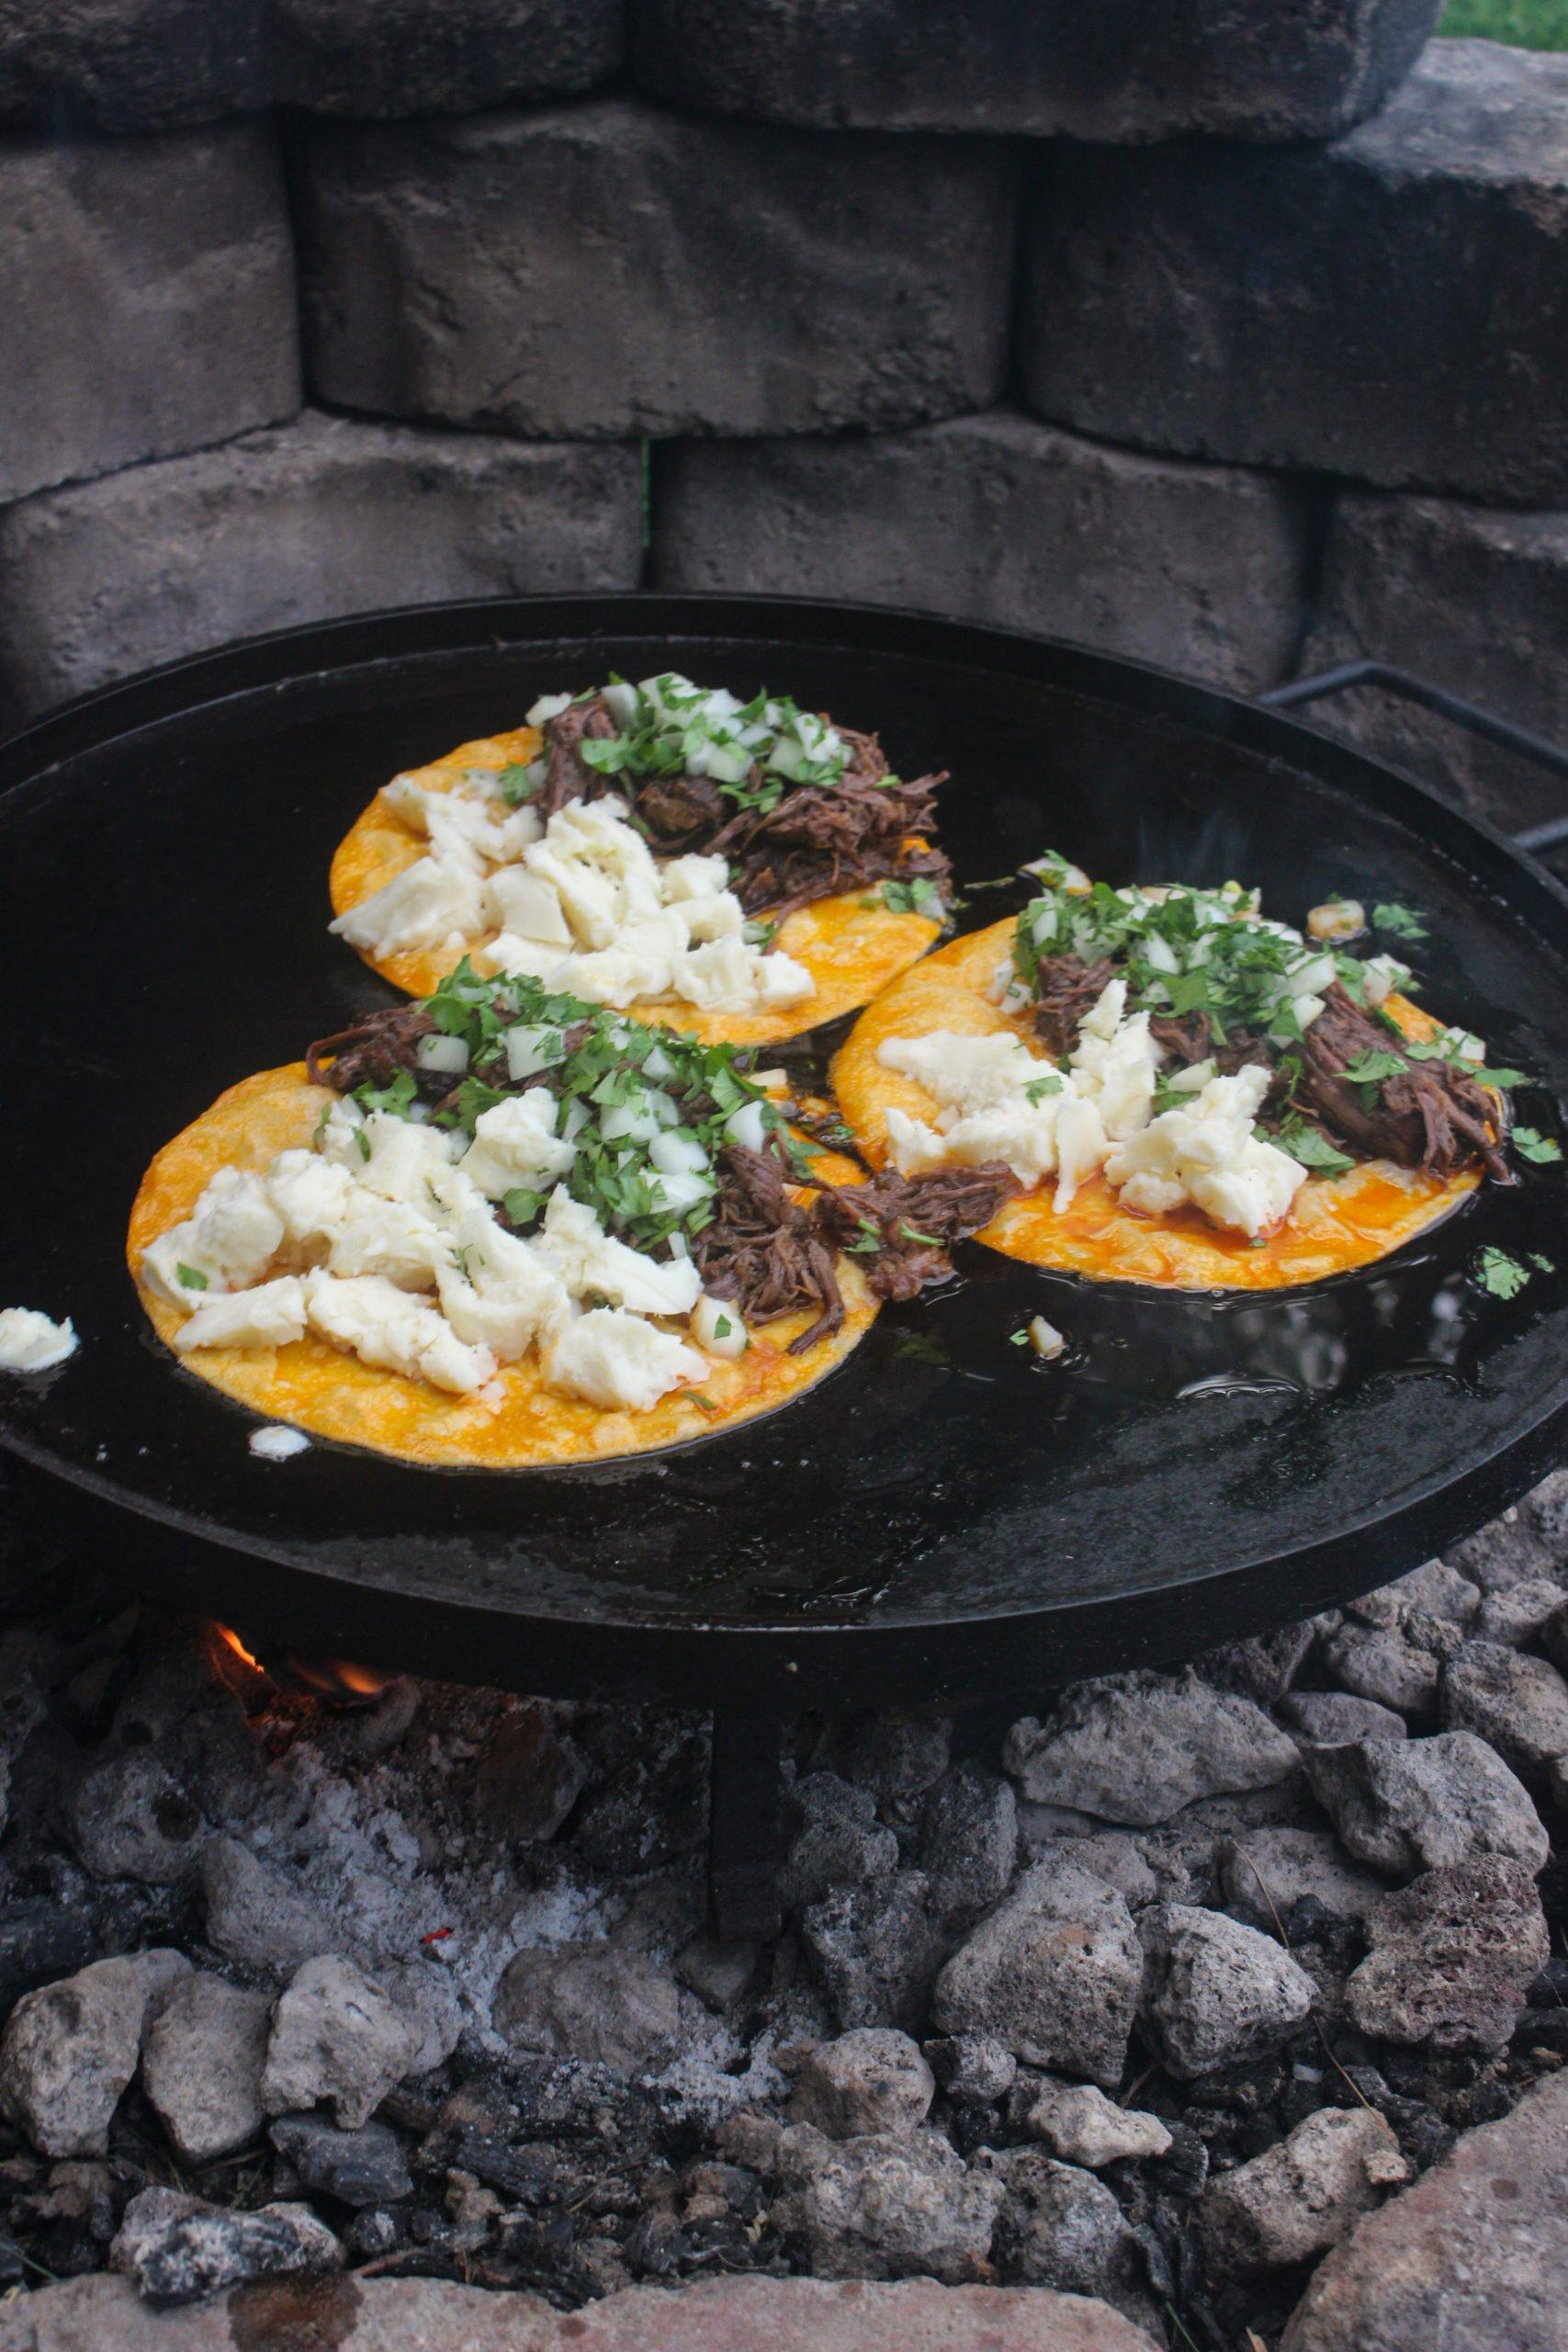 Campfire Quesabirria Tacos